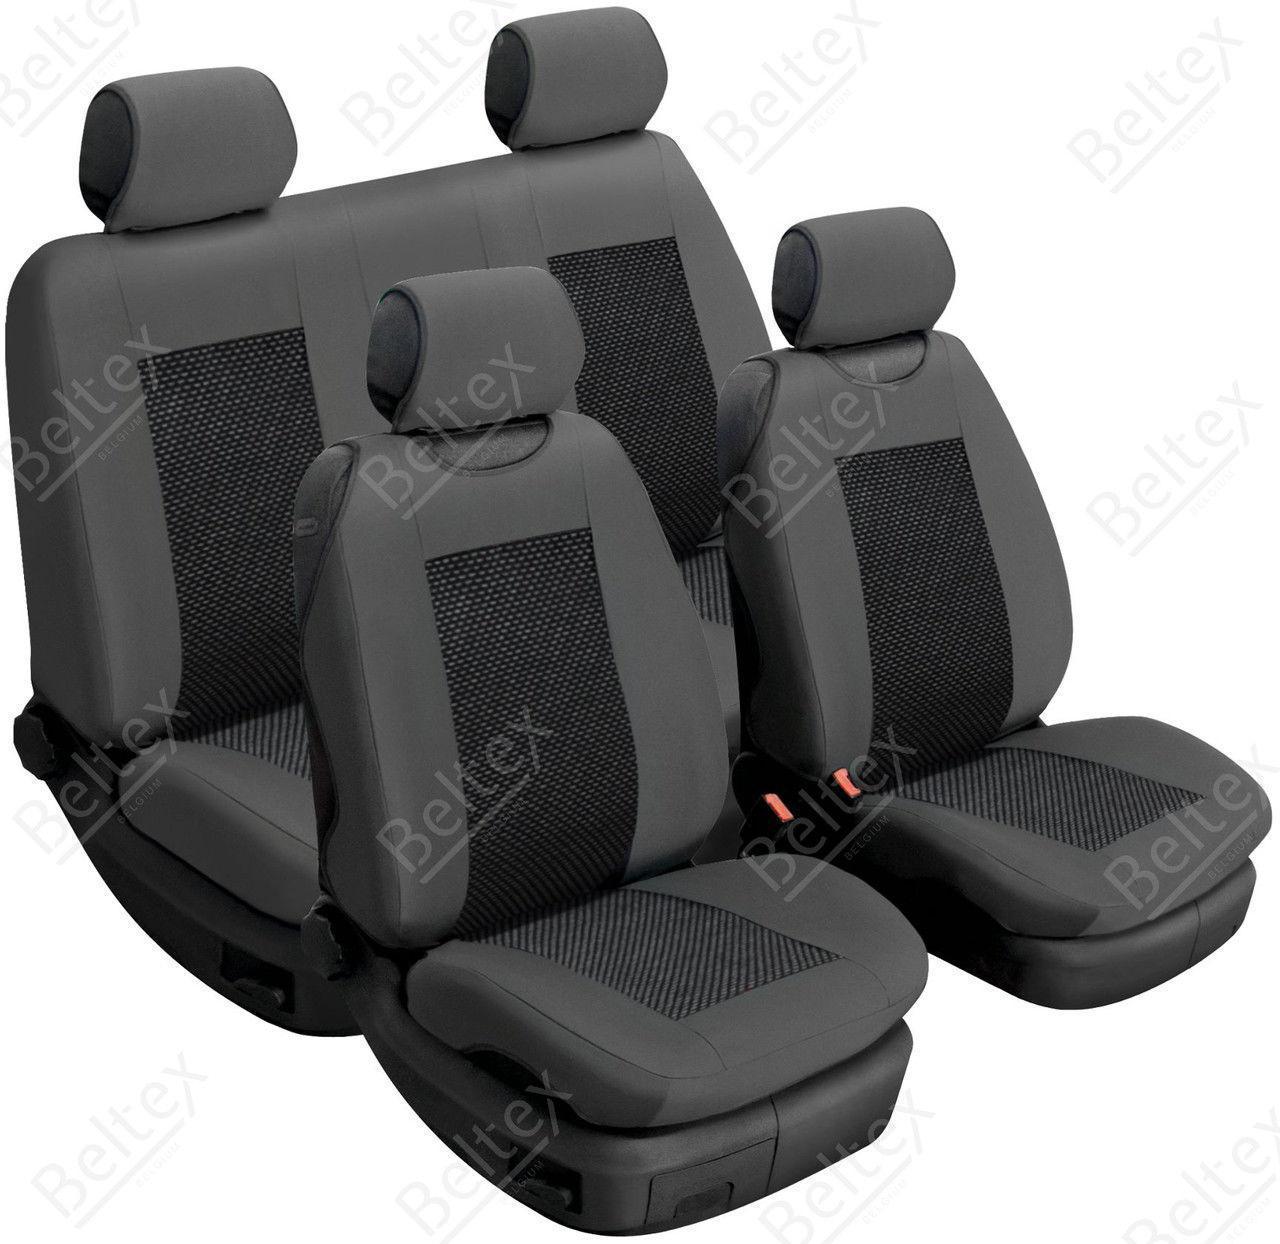 Майки/чехлы на сиденья Опель Комбо Д (Opel Combo D)